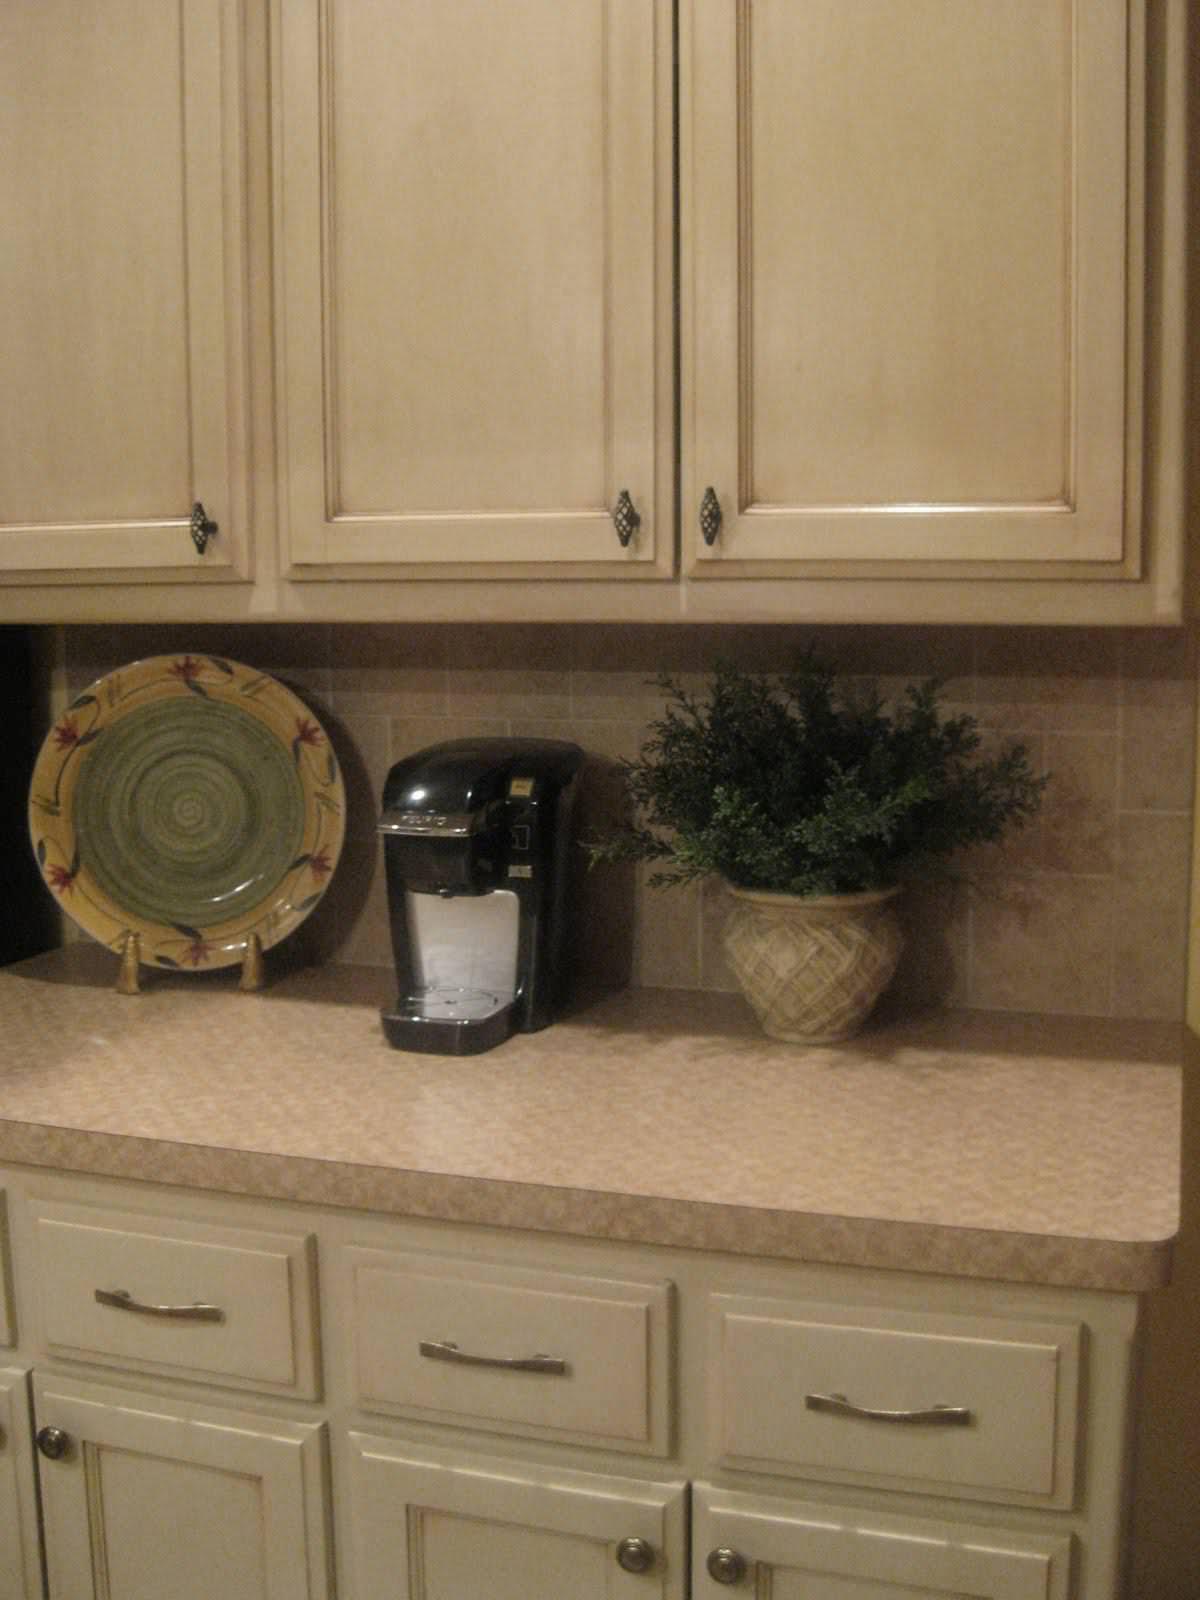 glazing kitchen cabinets gel stain photo - 4